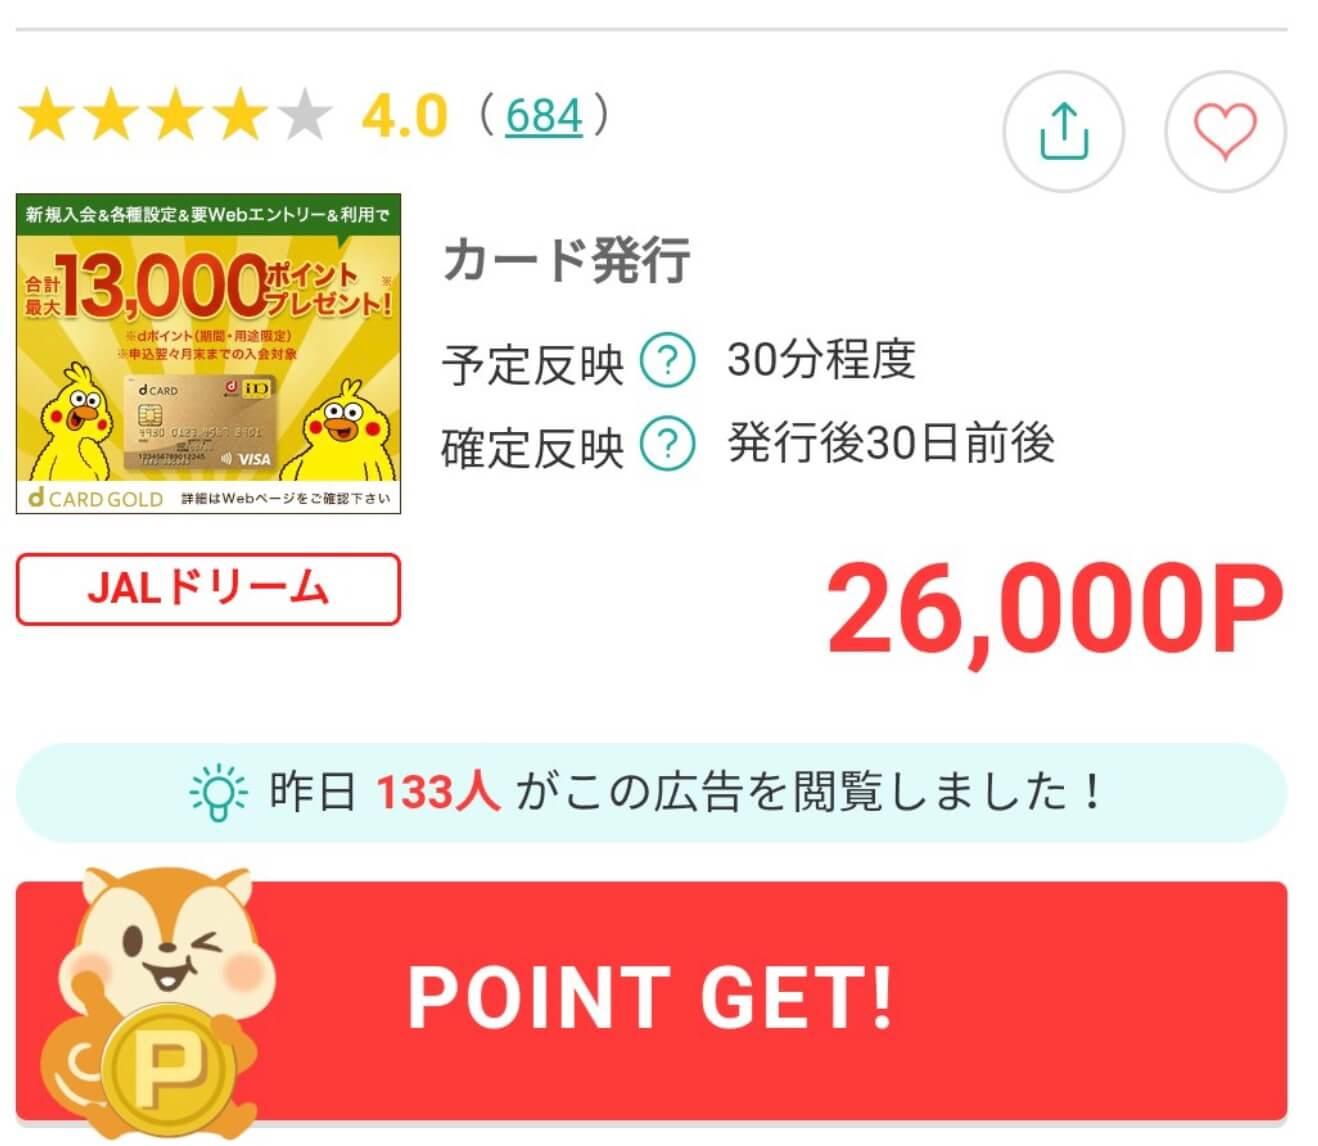 dカードゴールド26,000P